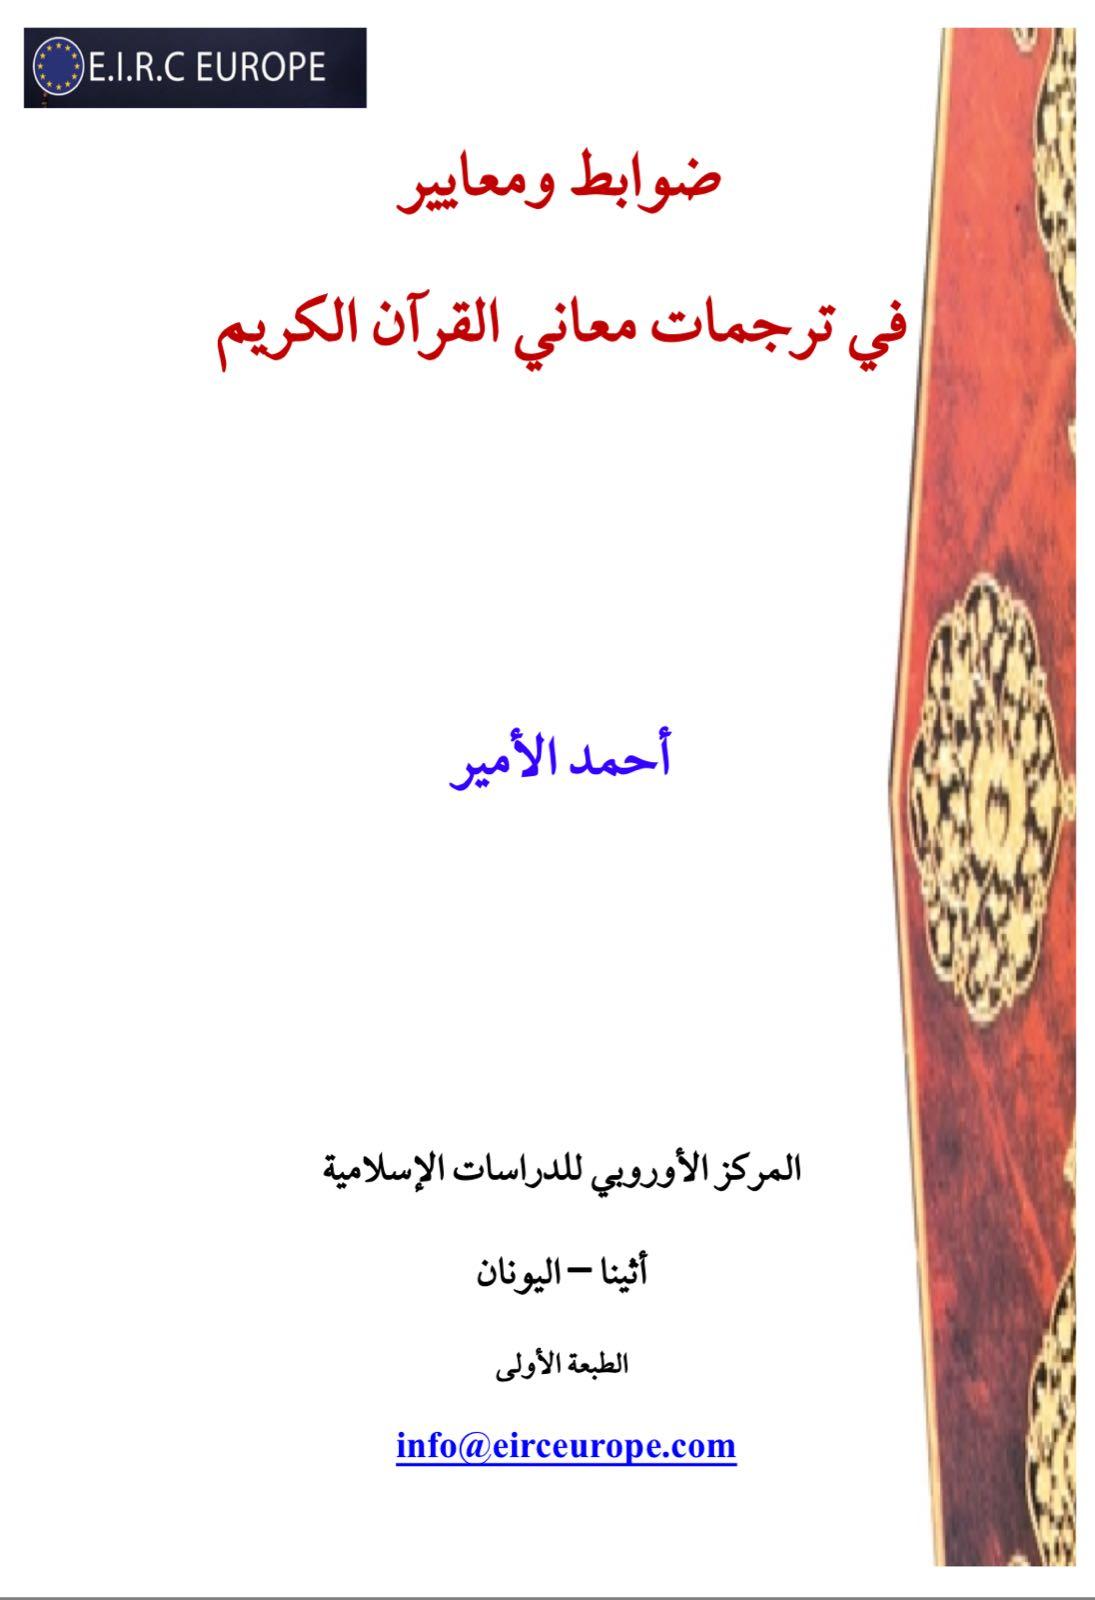 ضوابط ومعايير في ترجمة معاني القرآن الكريم